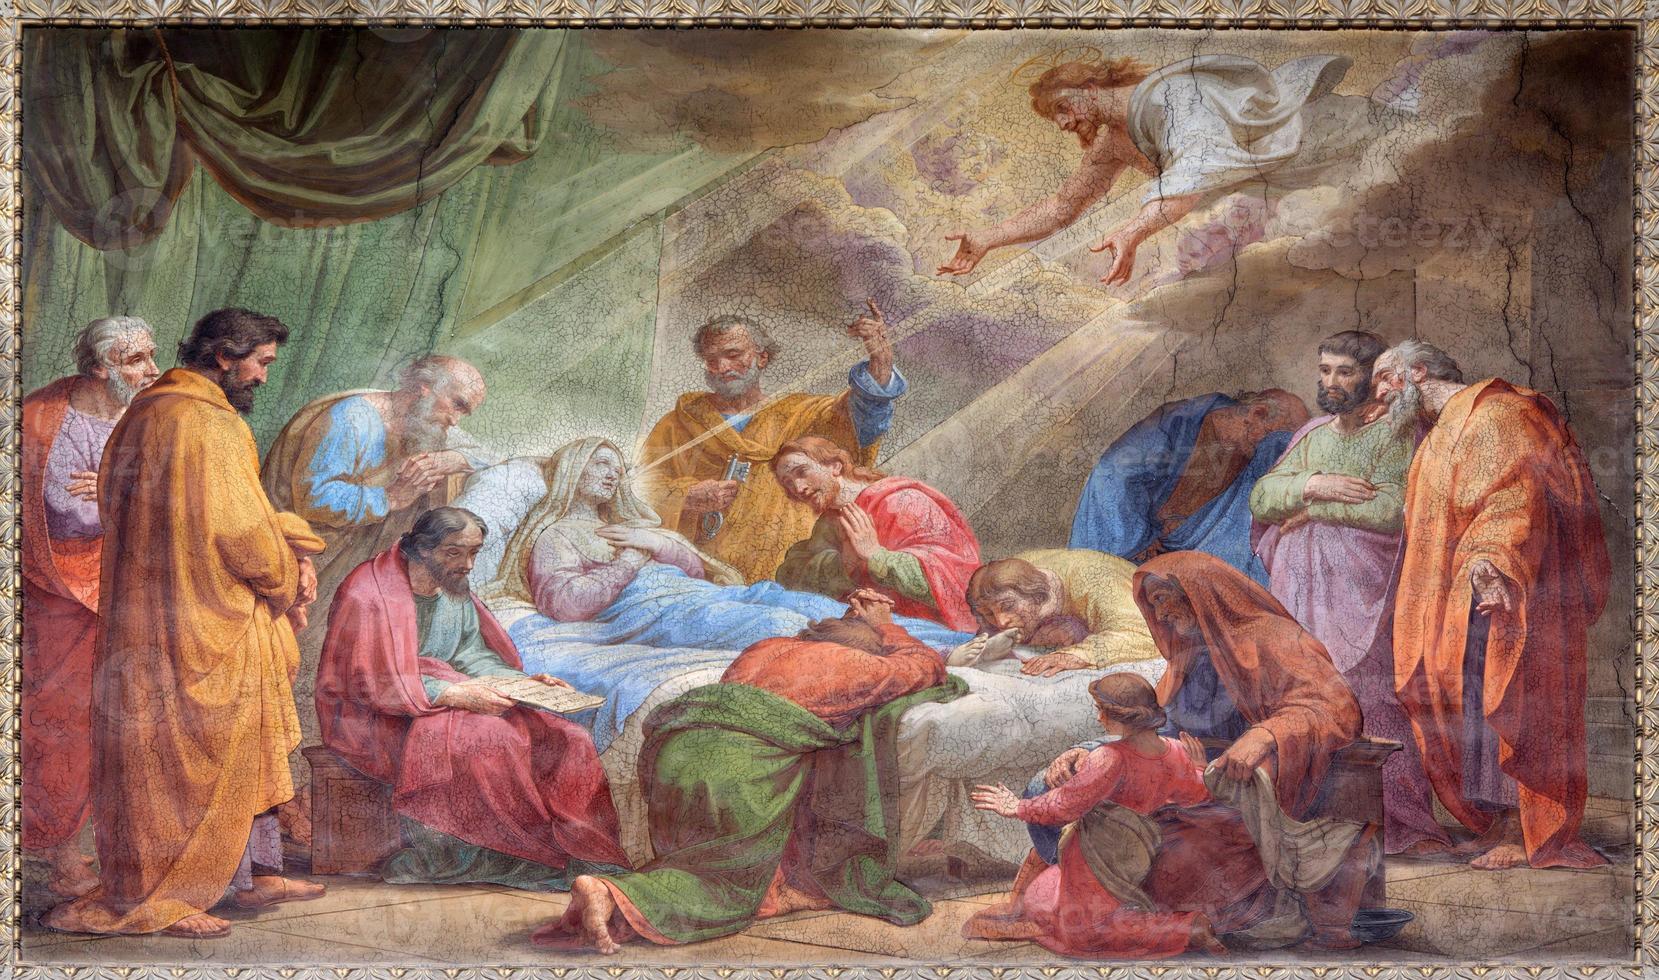 rome - la dormition de la vierge marie fresque photo